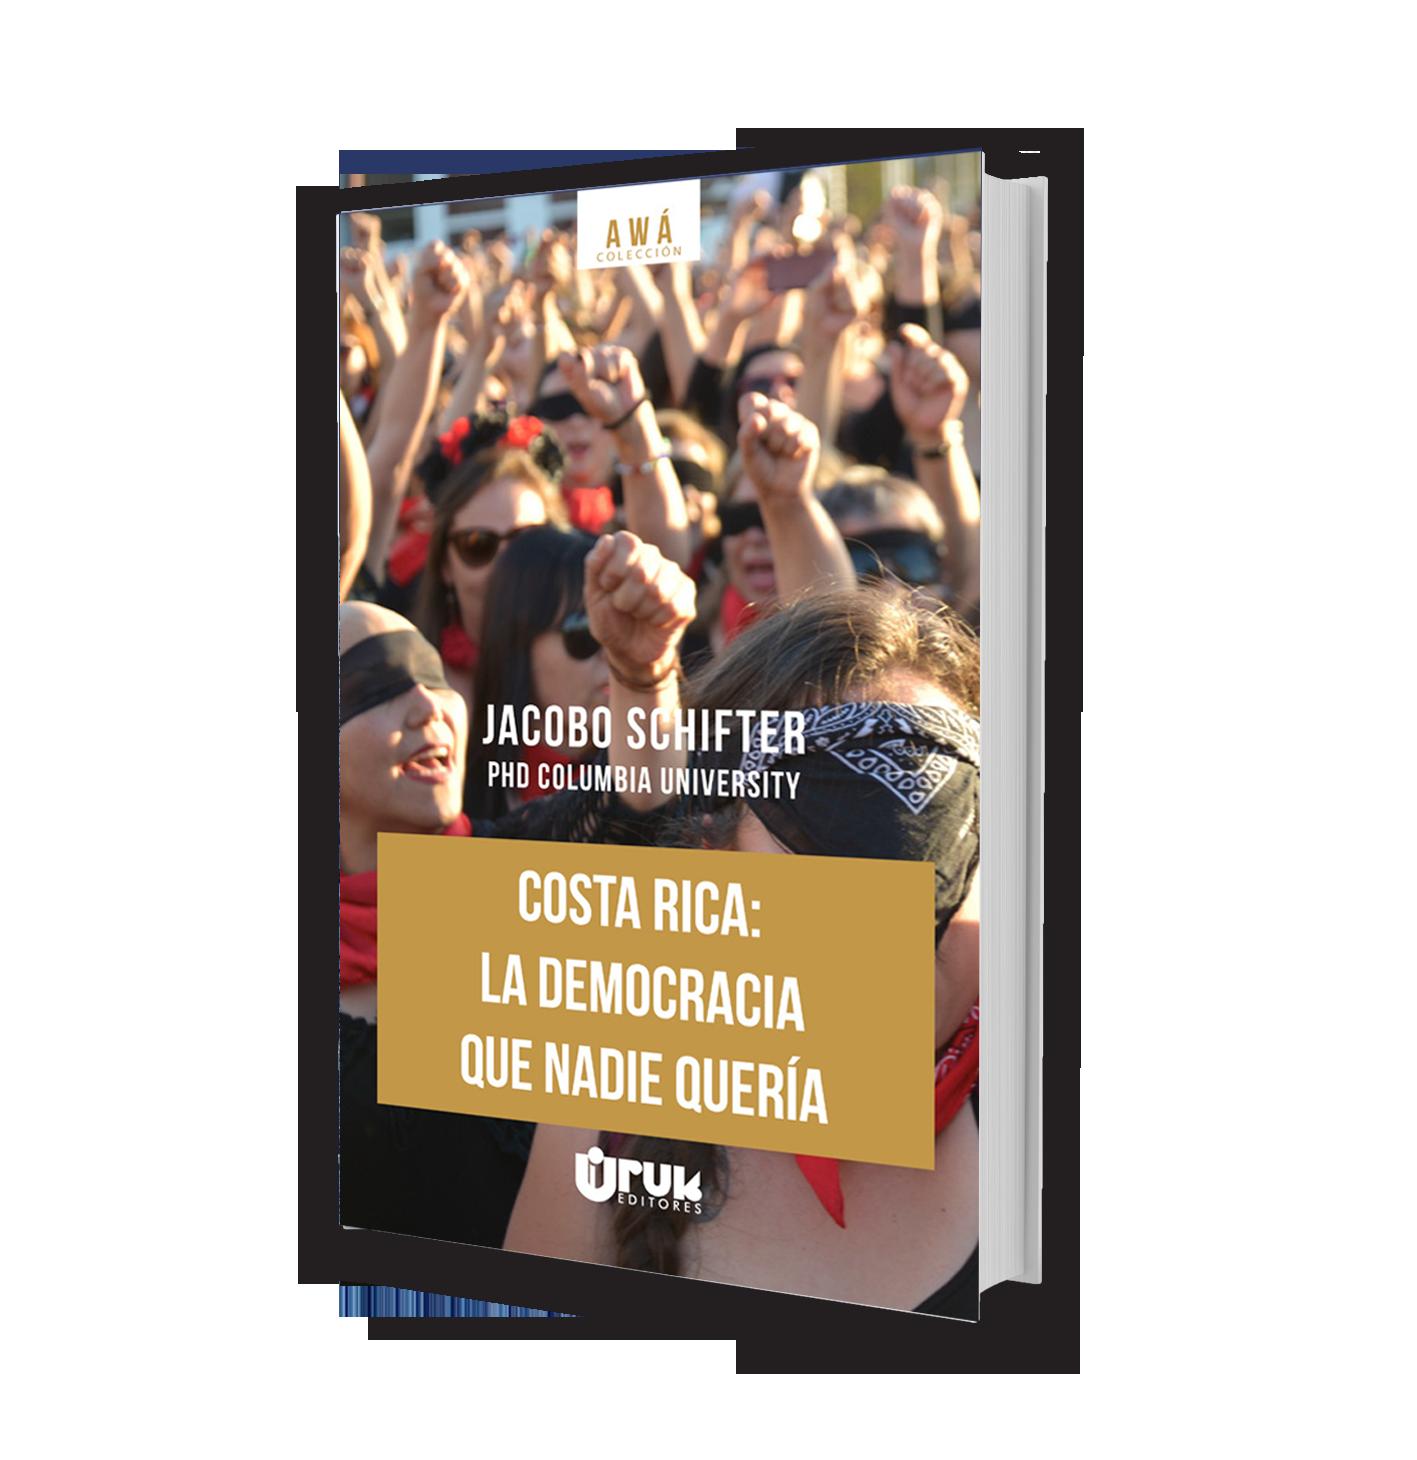 Costa Rica: La democracia que nadie quería